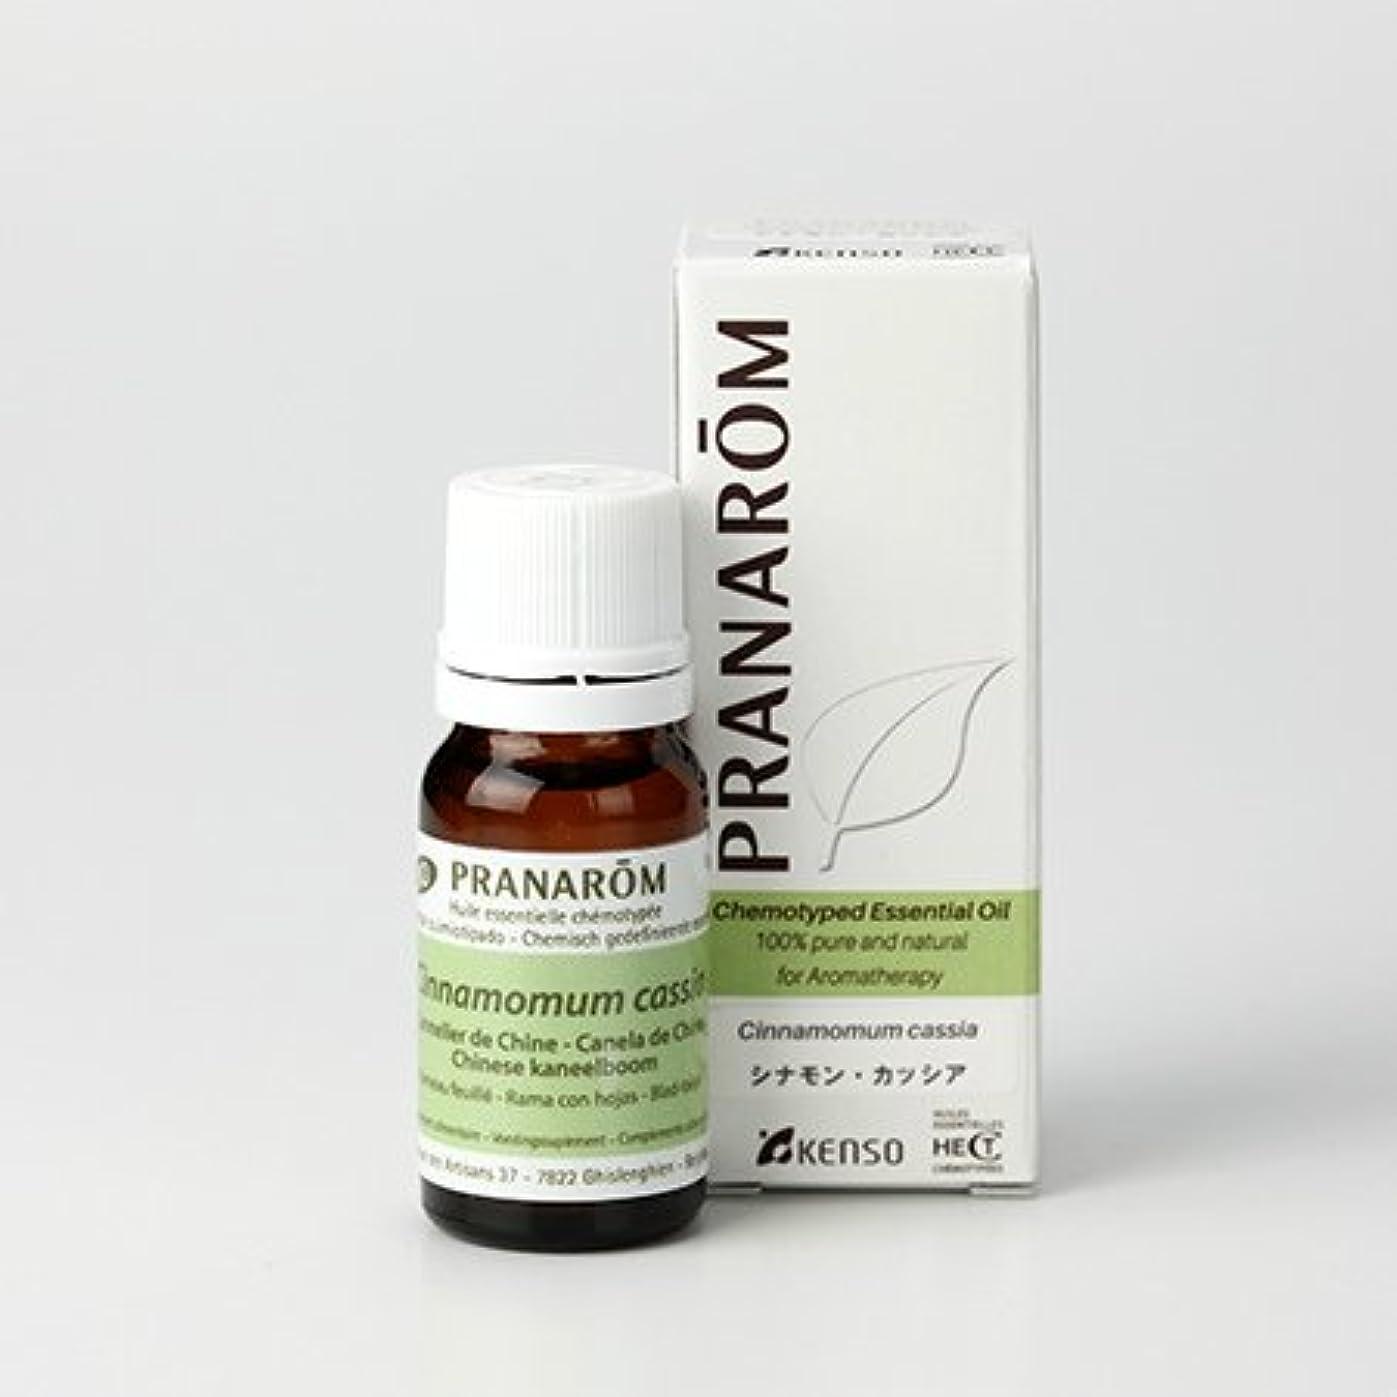 ロッド疑い温帯プラナロム シナモンカッシア 10ml (PRANAROM ケモタイプ精油)